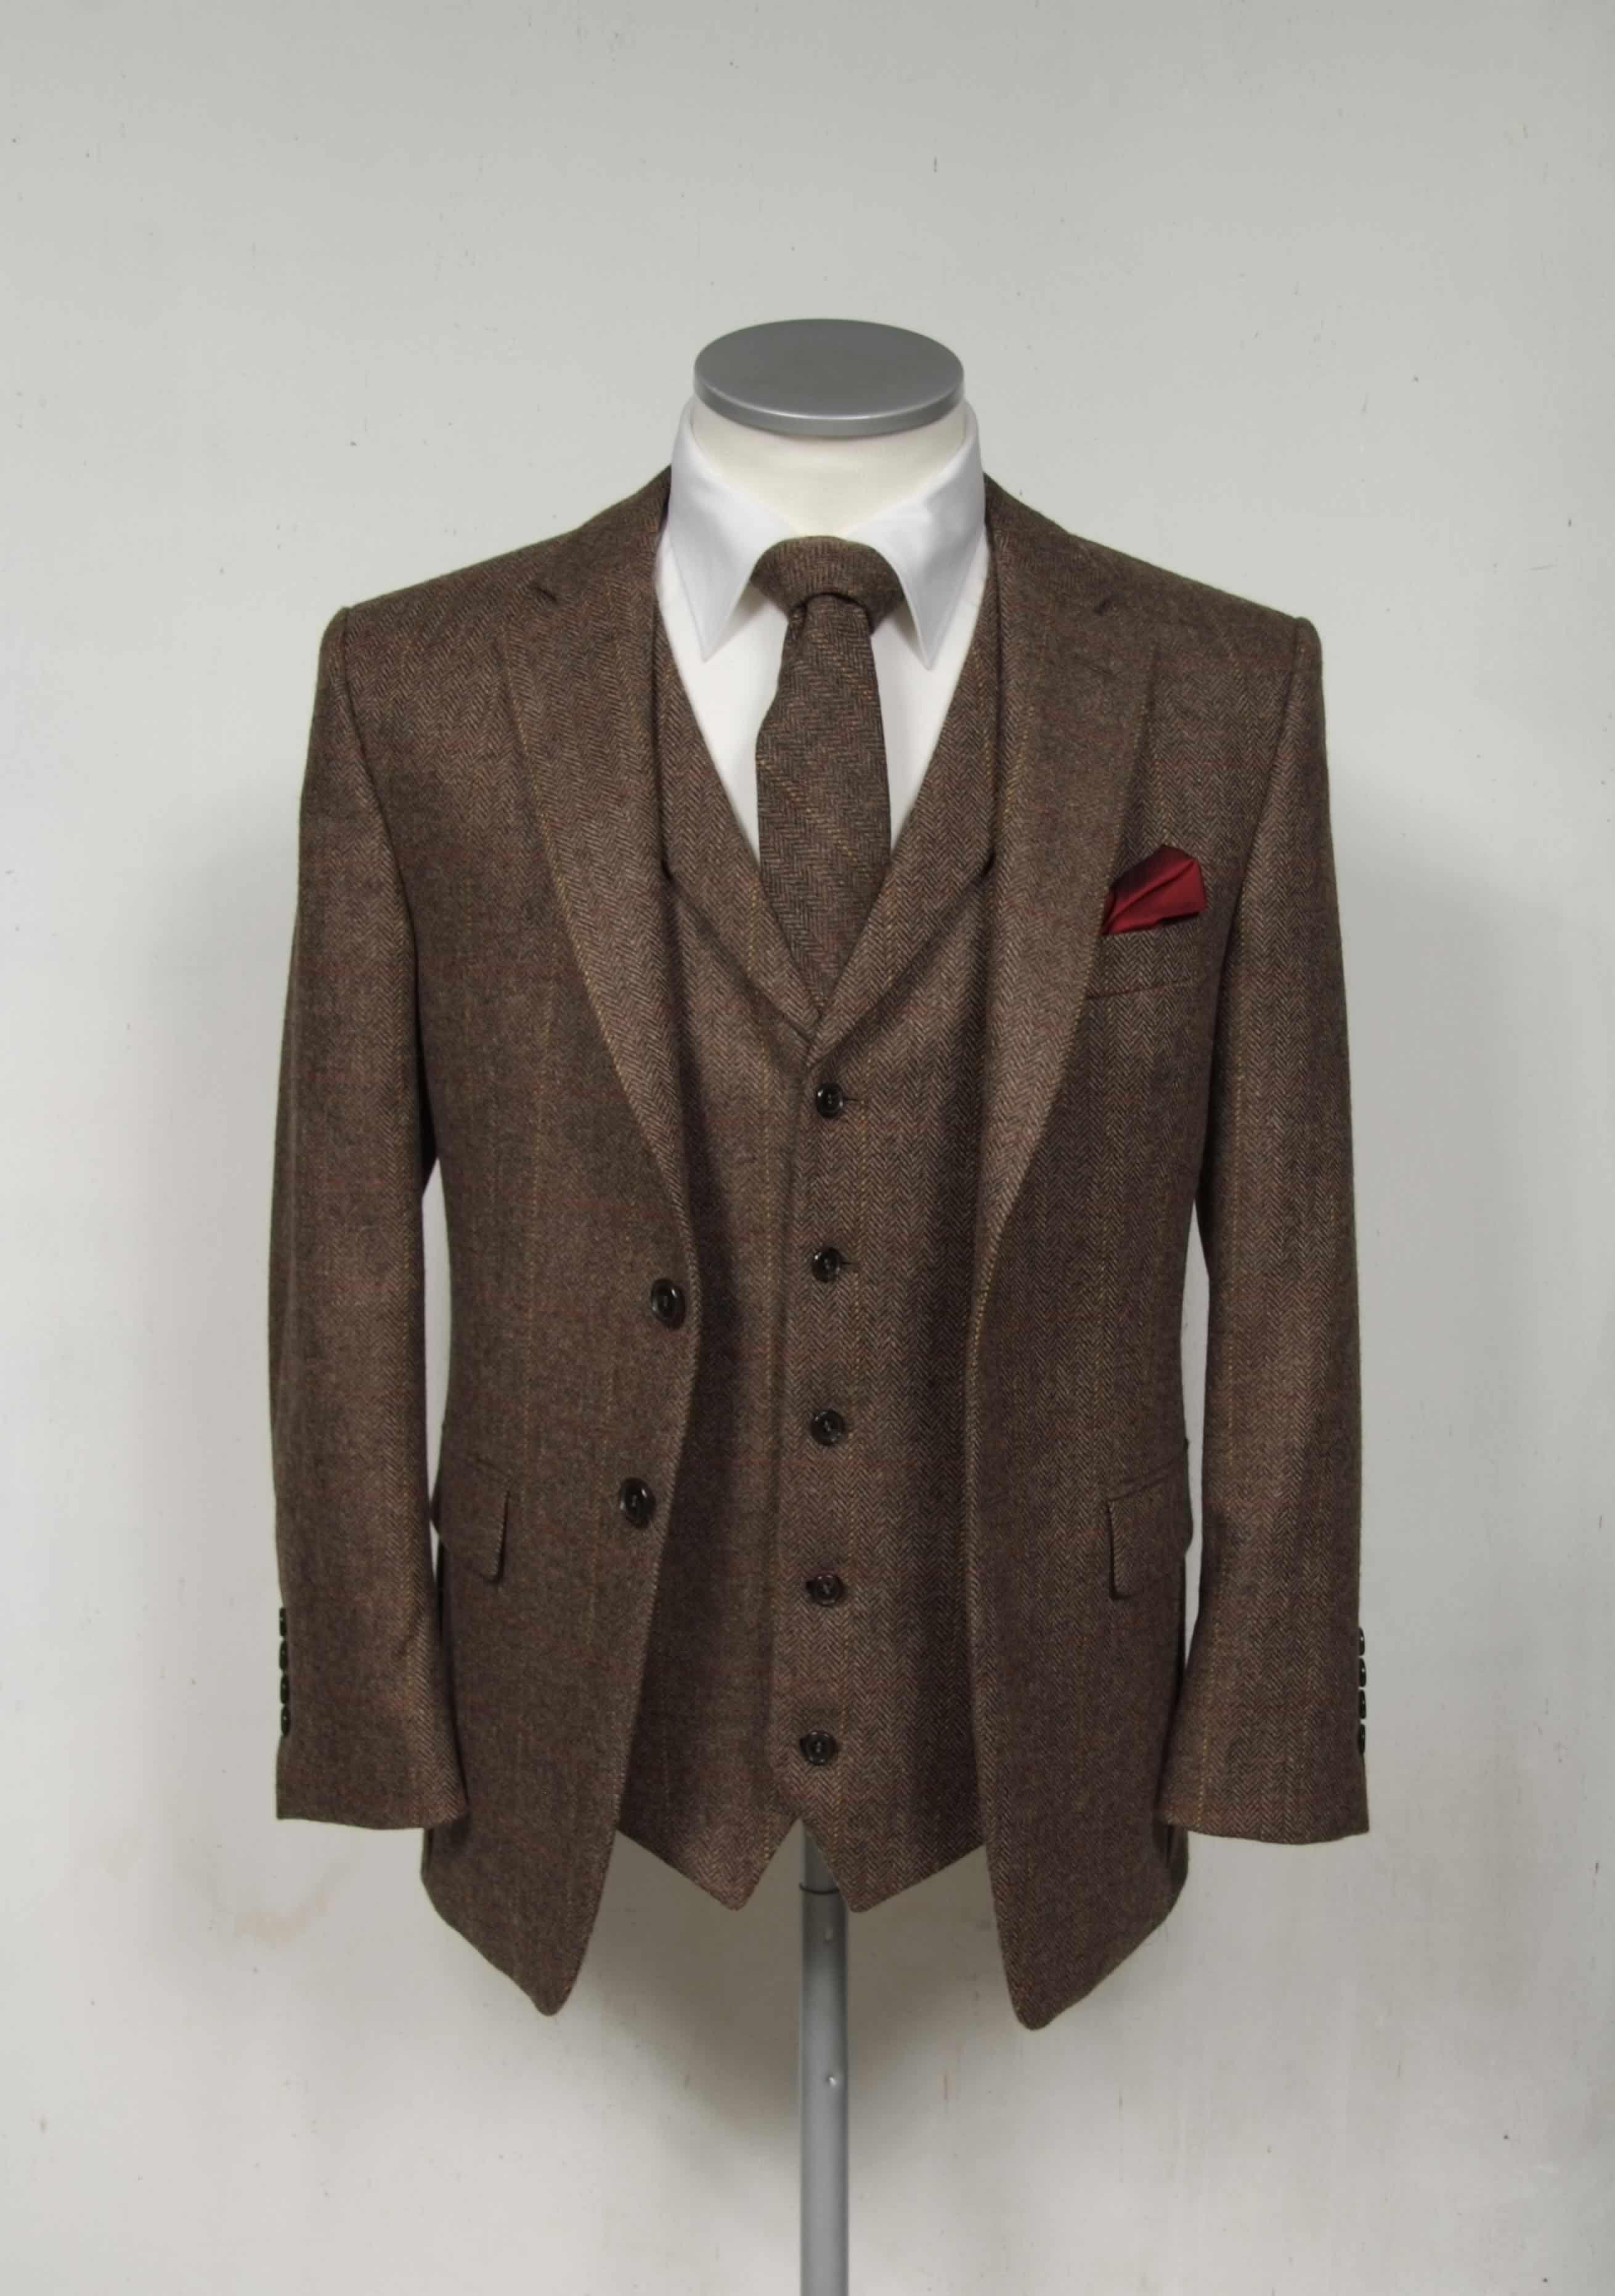 Brown Herringbone Tweed Men Suit Wedding Groom Notch Lapel Formal Tuxedos